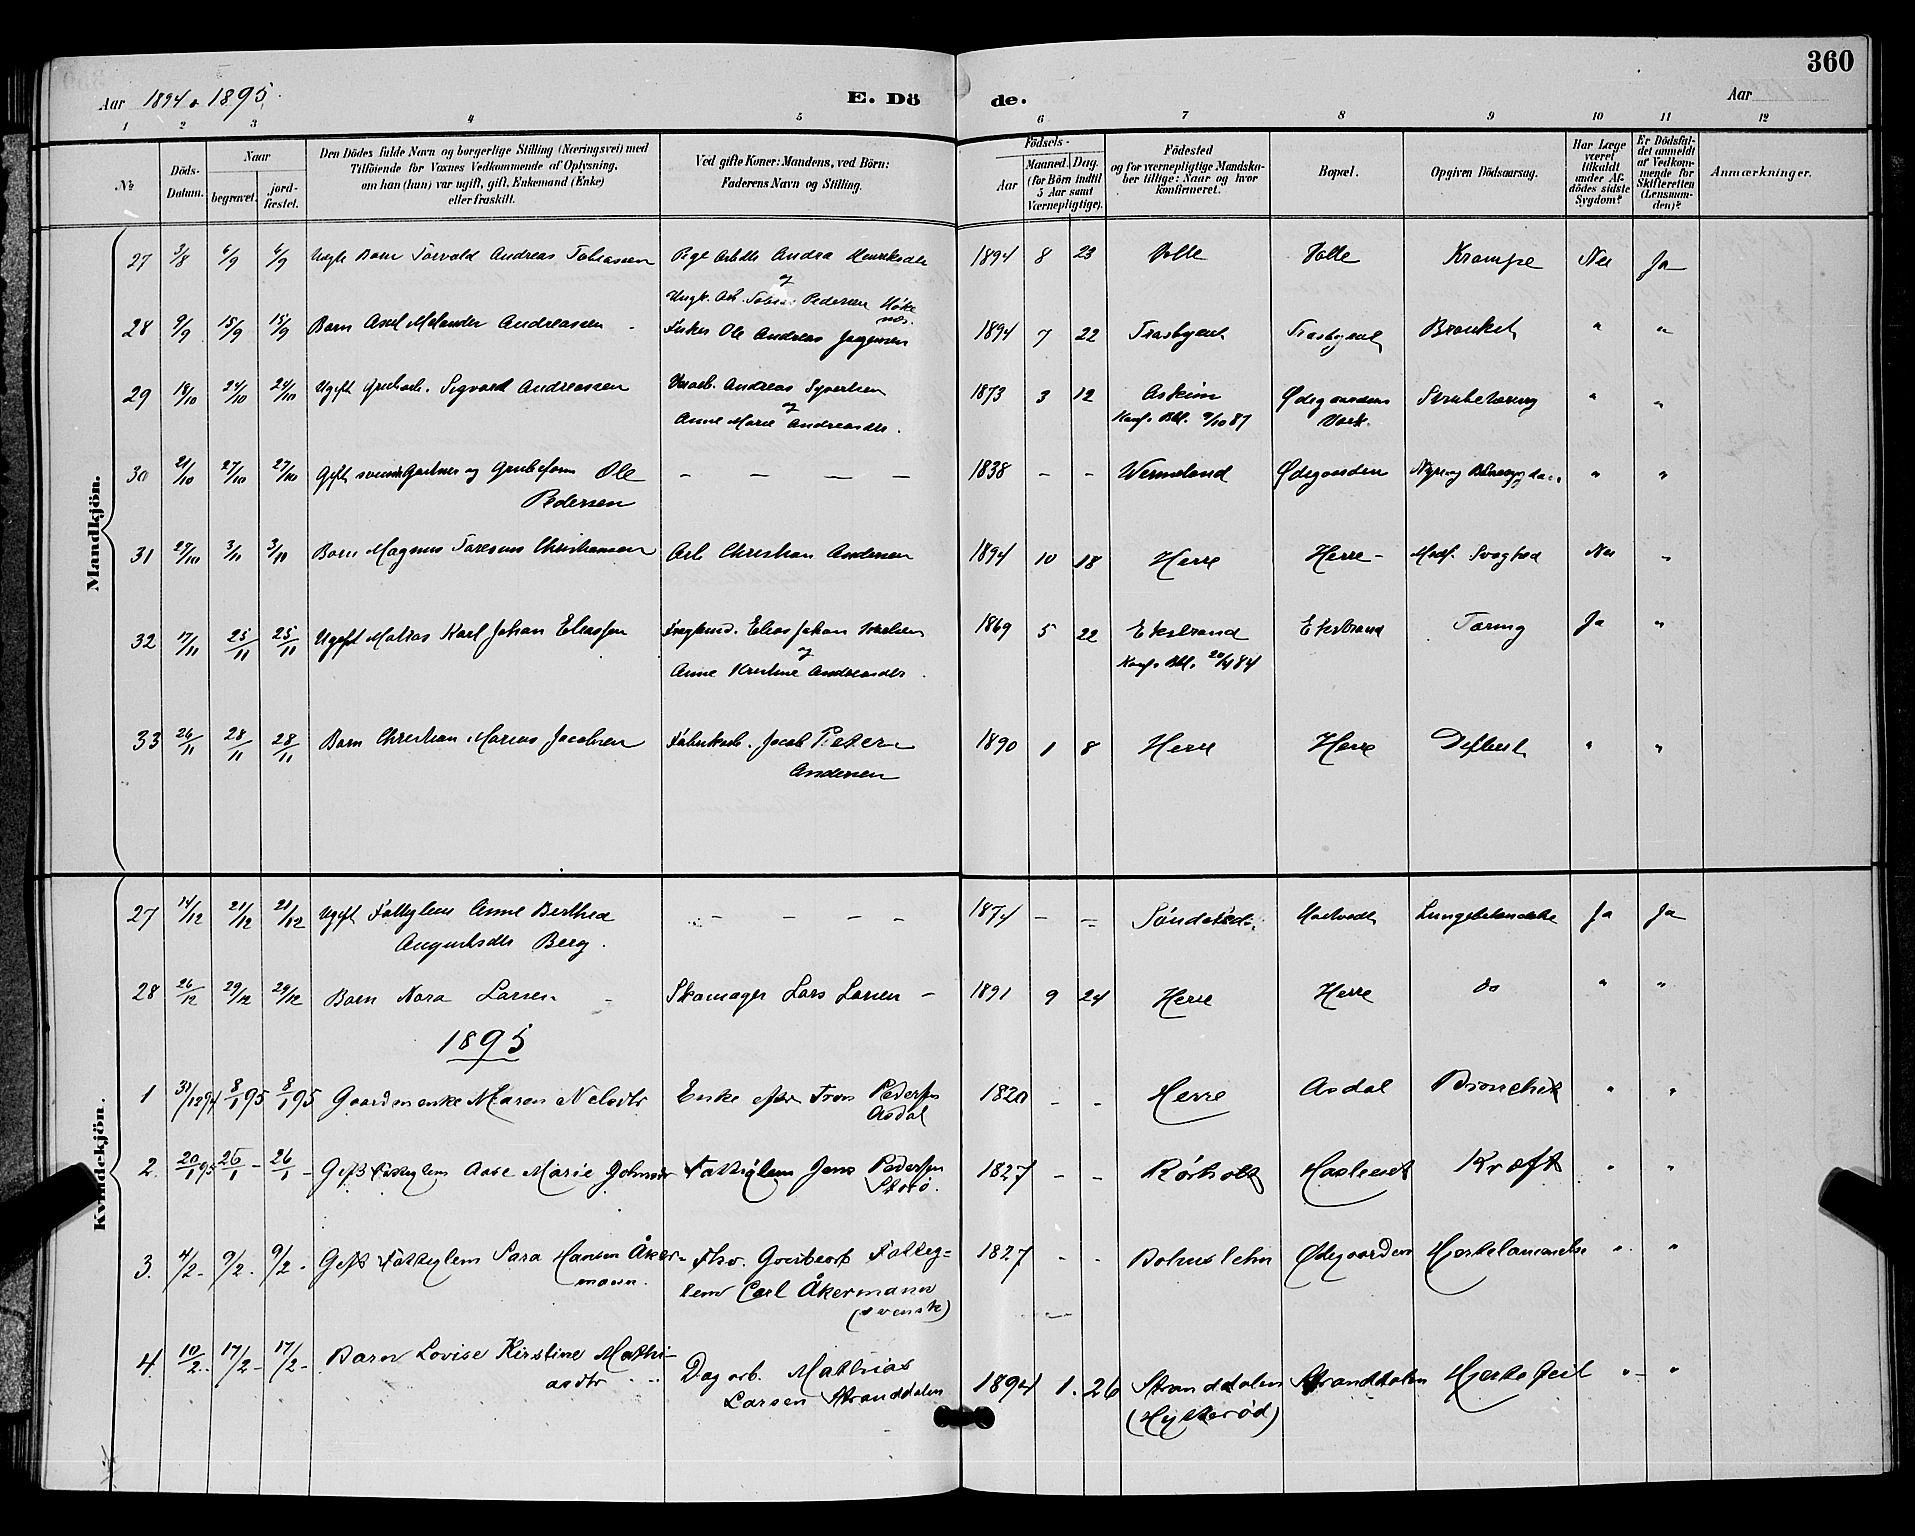 SAKO, Bamble kirkebøker, G/Ga/L0009: Klokkerbok nr. I 9, 1888-1900, s. 360